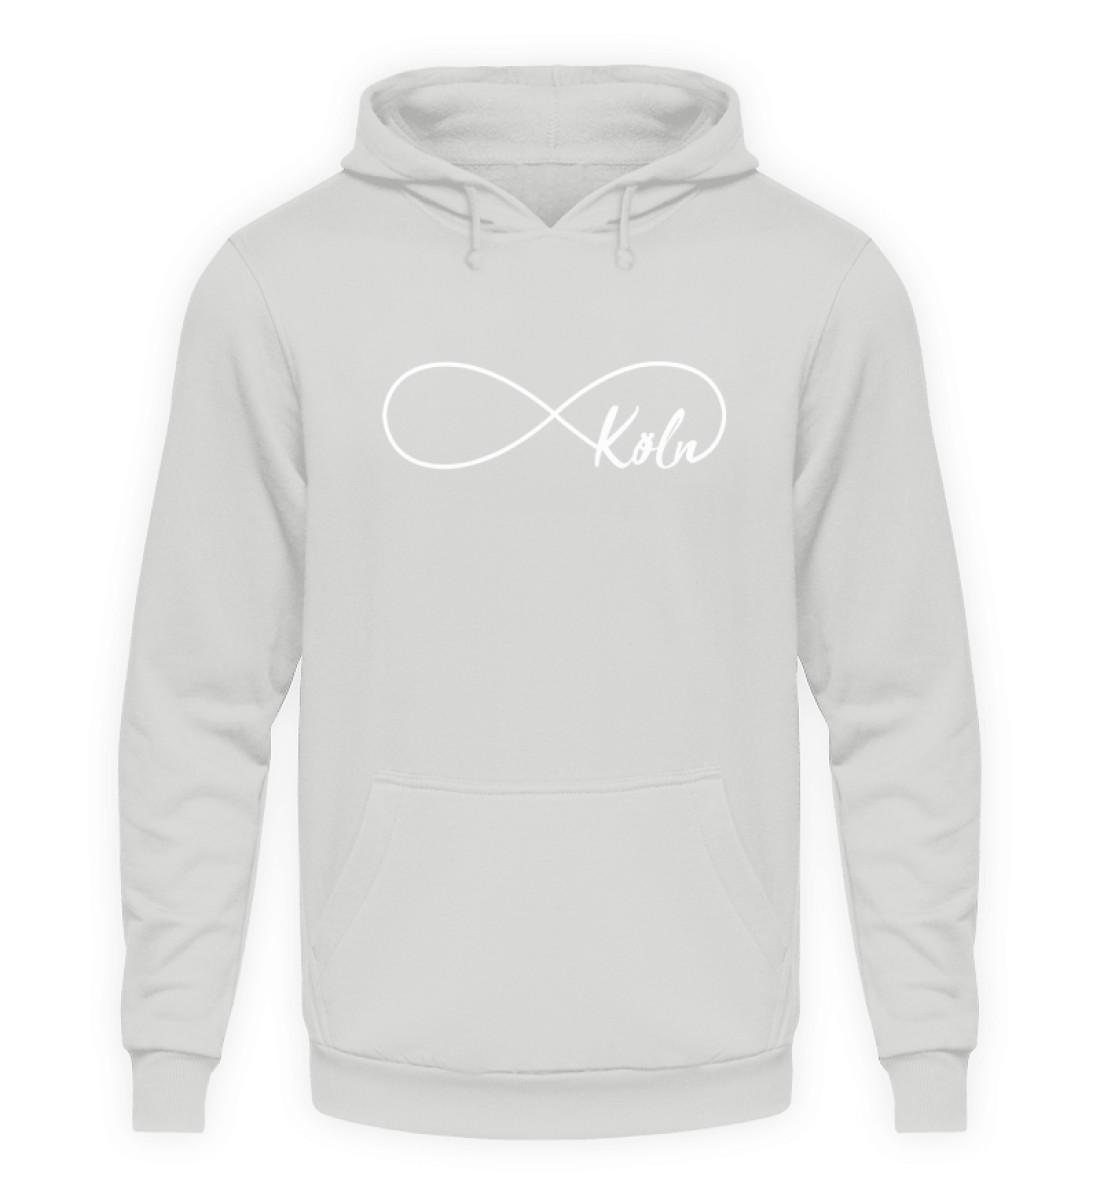 Für immer Köln T-Shirt - Hoodie - Unisex Kapuzenpullover Hoodie-23